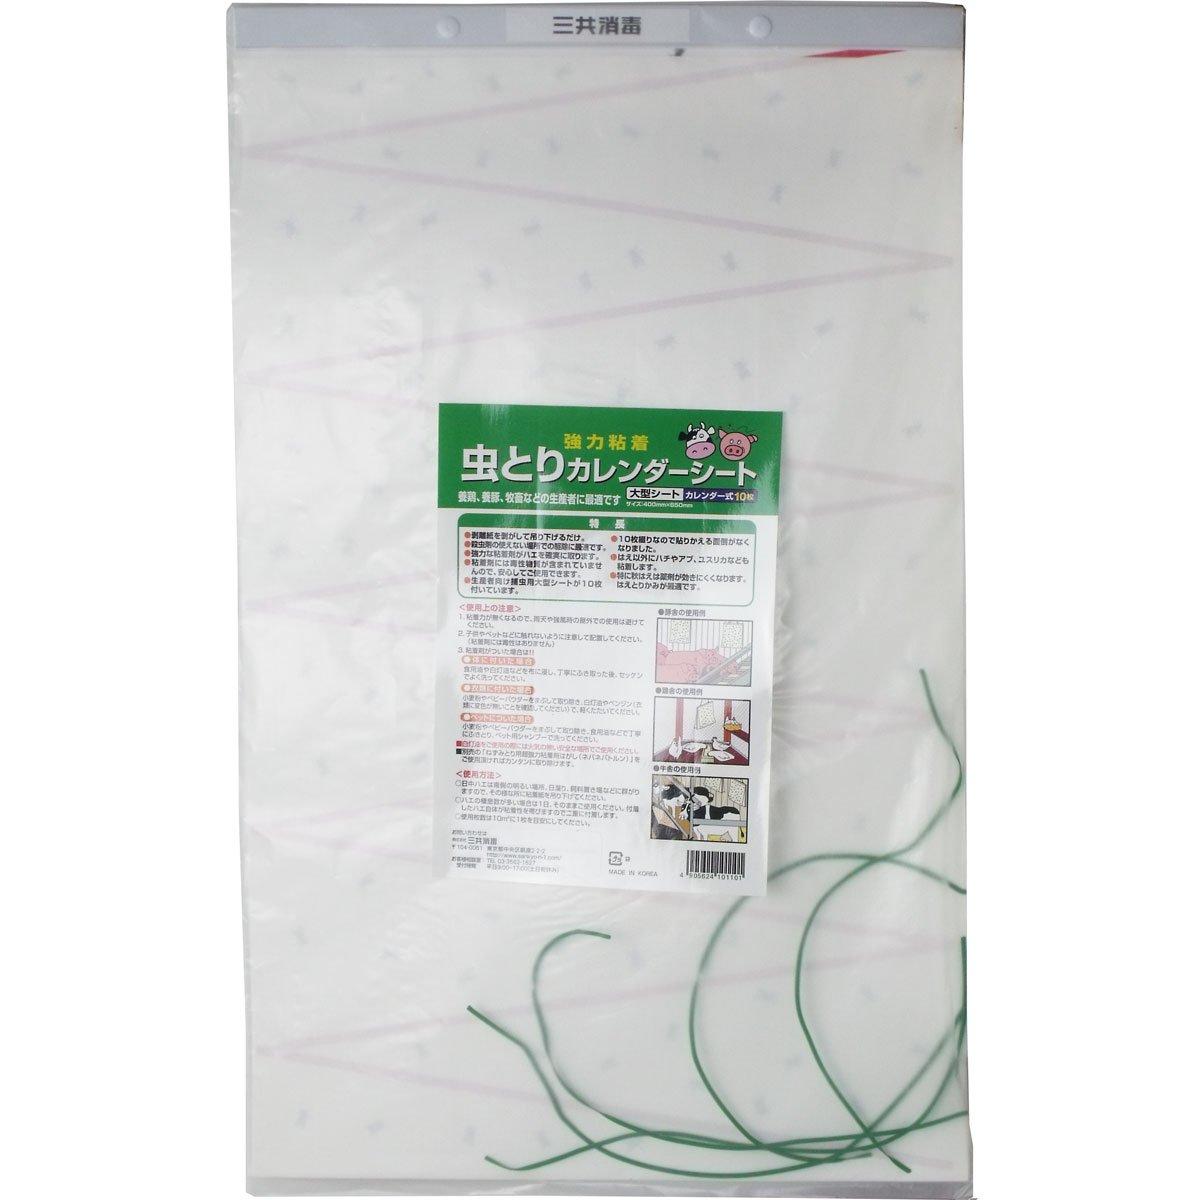 【ケース】虫とりカレンダーシート 1ケース(10枚綴り×10袋) B009HPBQ34